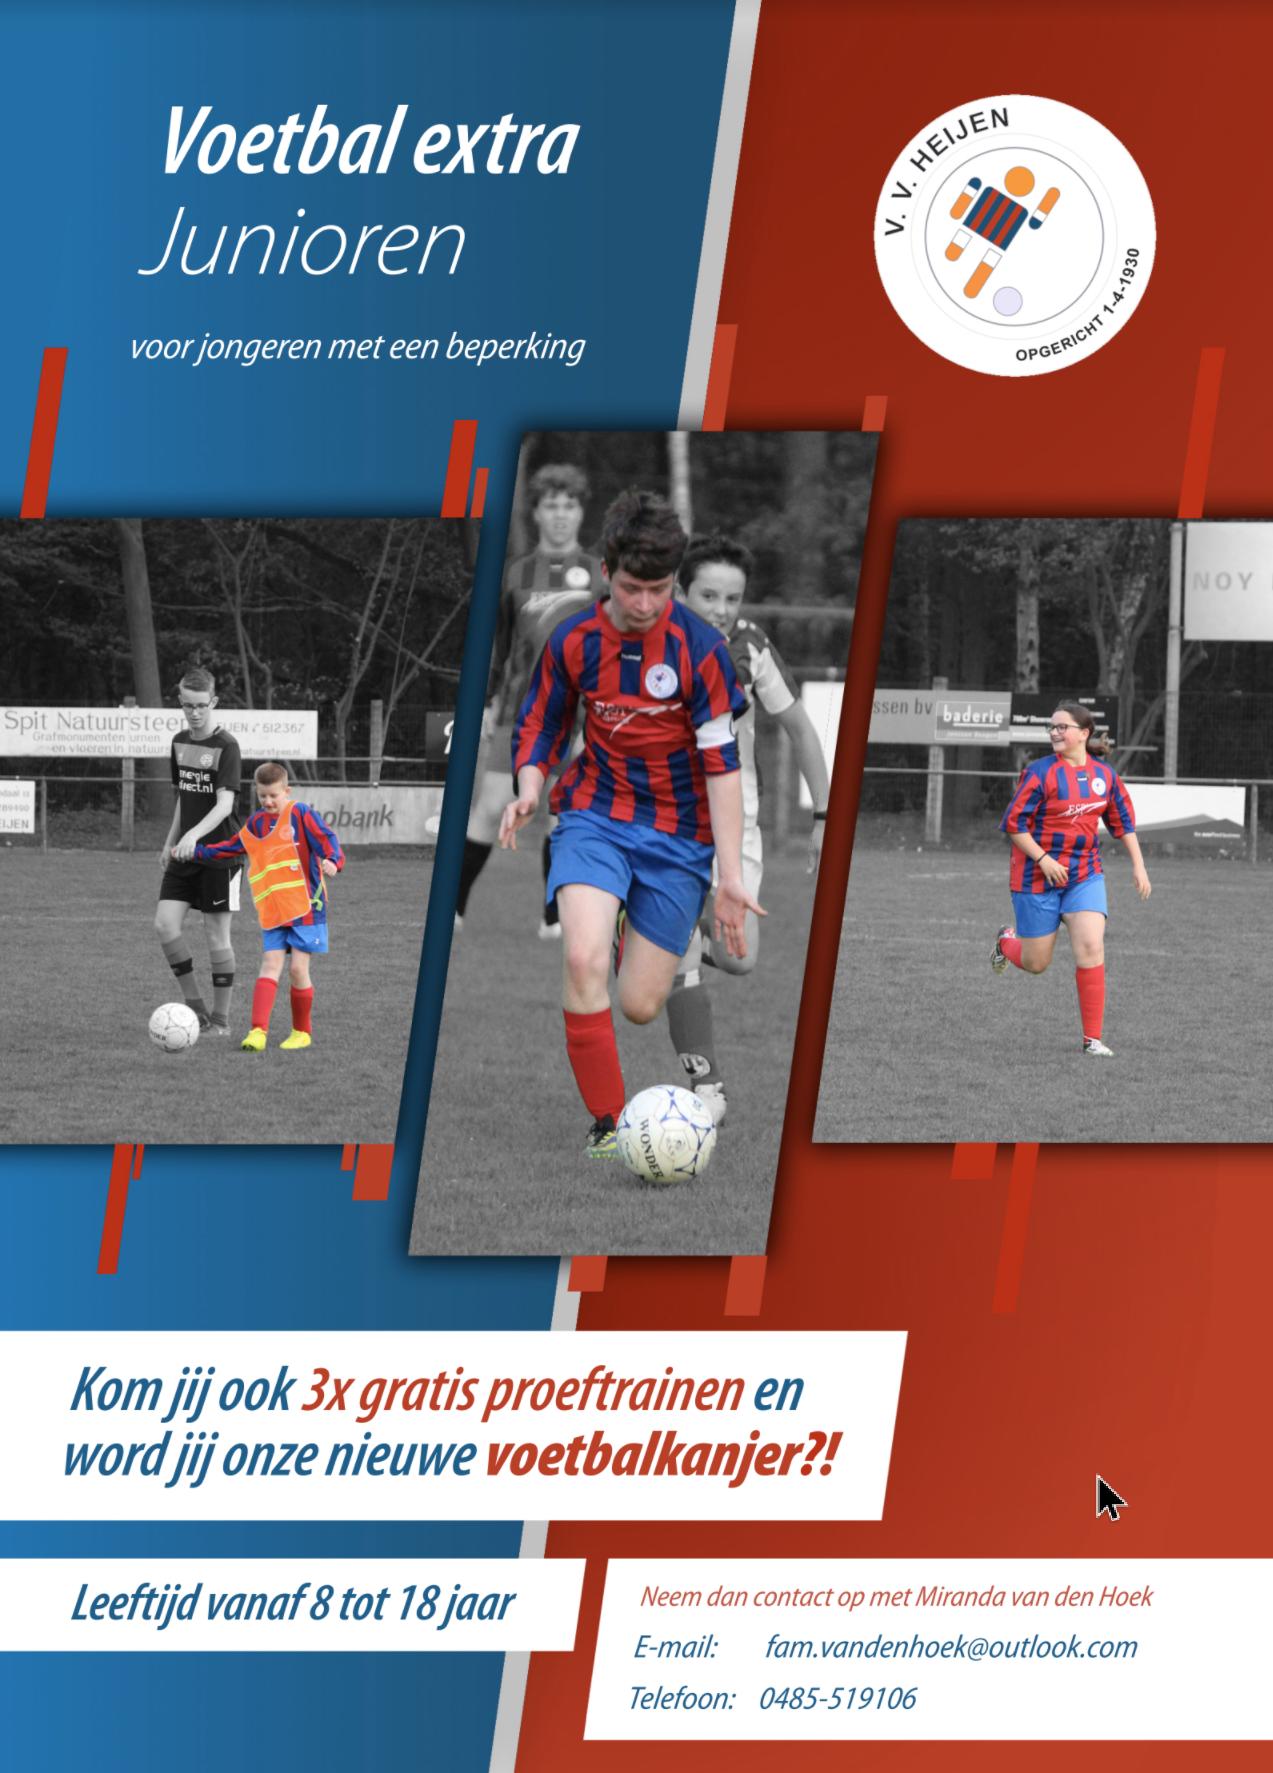 VV Heijen Voetbal Extra zoekt nieuwe voetbalkanjers